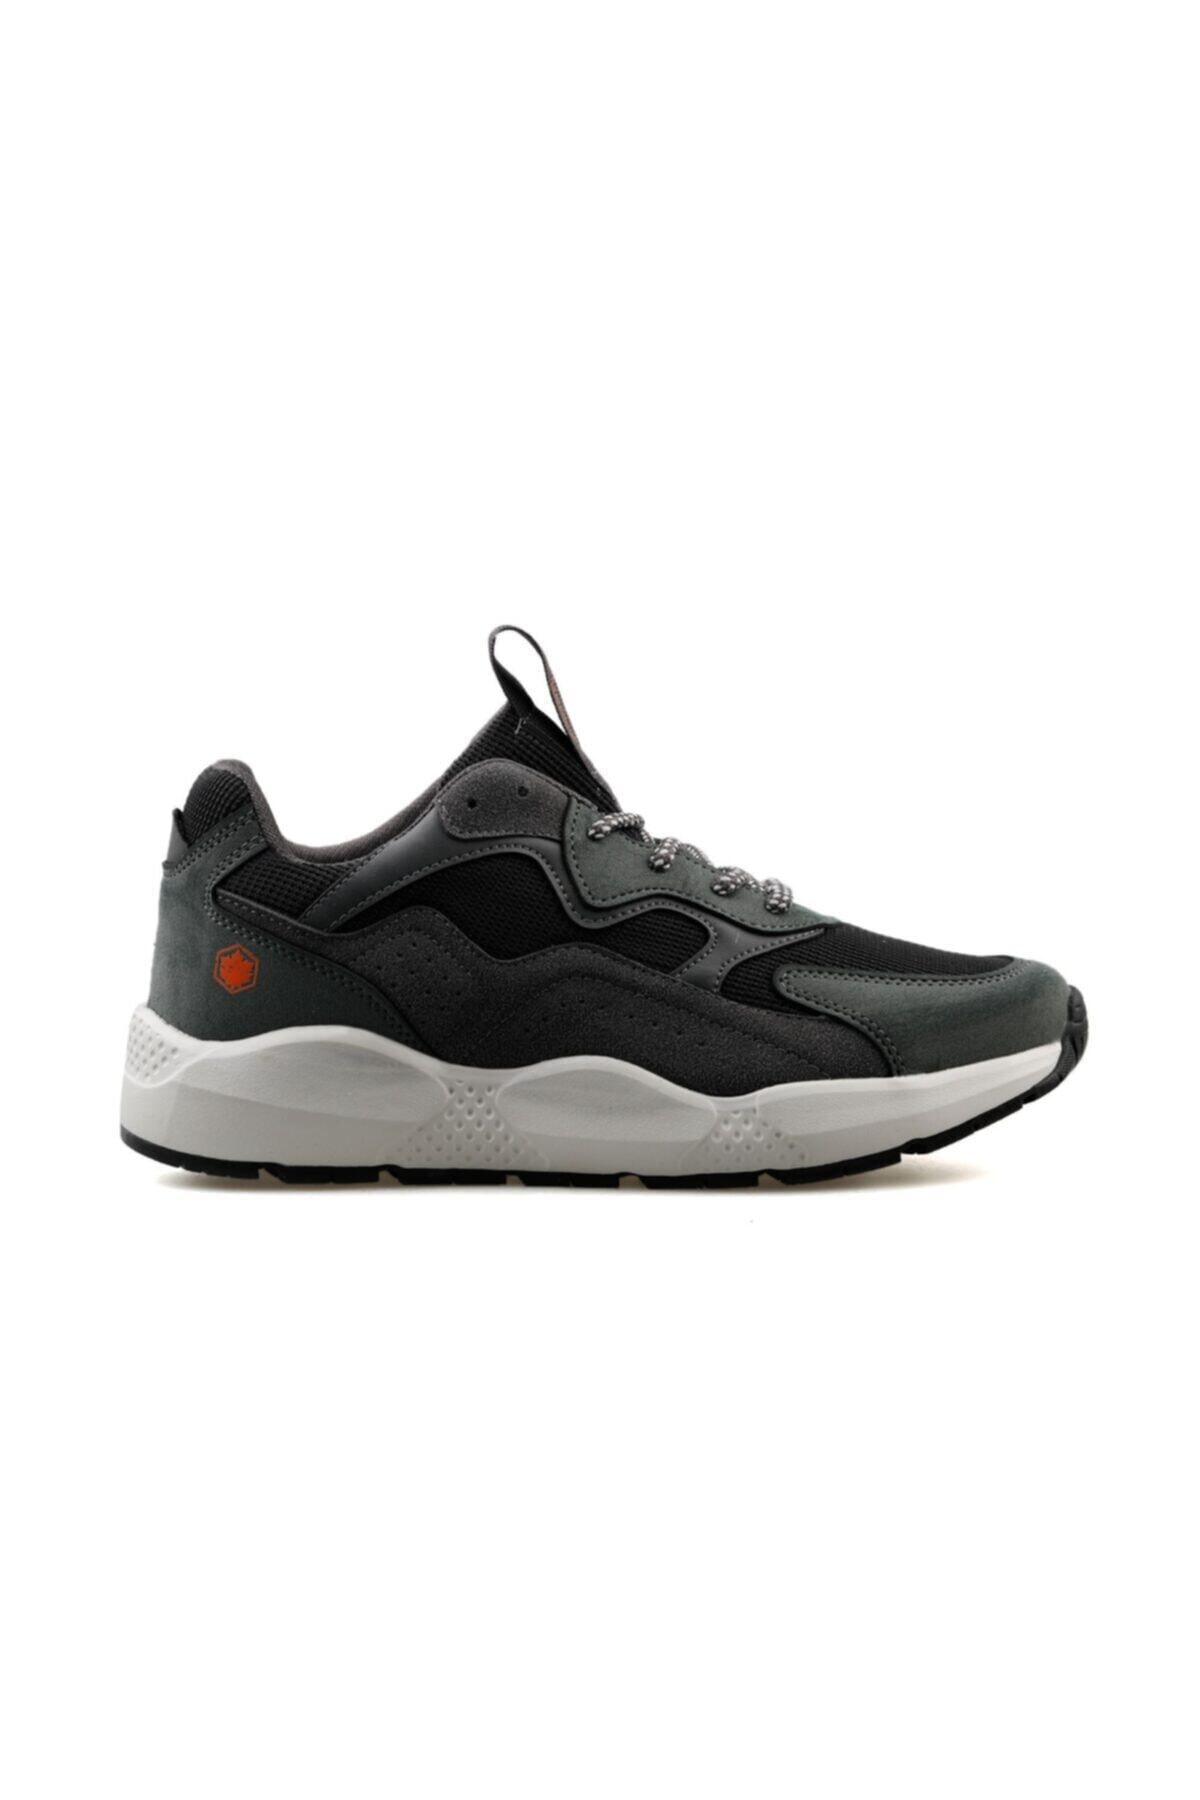 lumberjack VALENTIN Haki Erkek Sneaker Ayakkabı 100536295 1